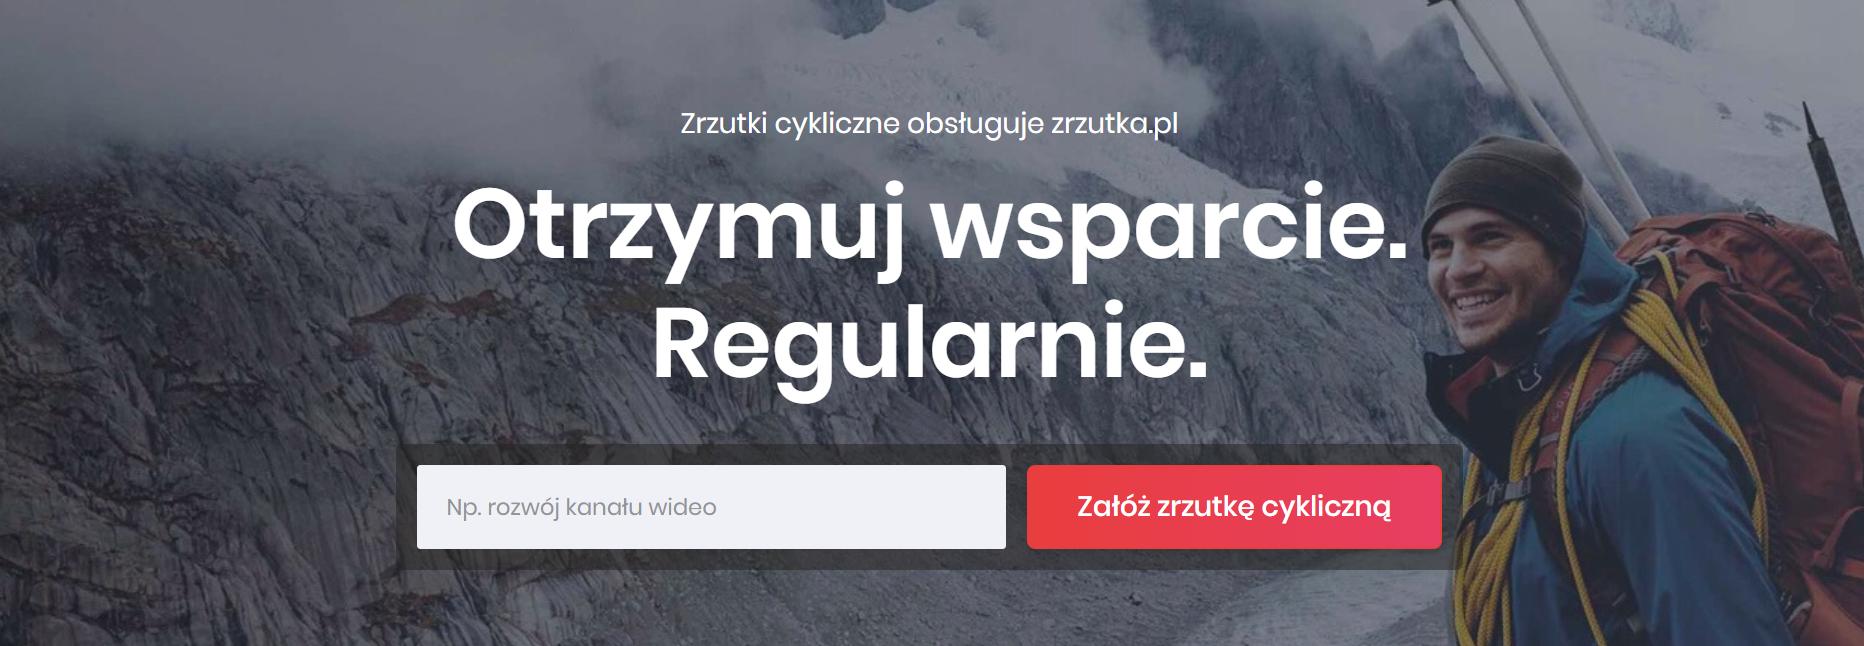 """Zrzutka.pl prezentuje """"zrzutki cykliczne""""."""